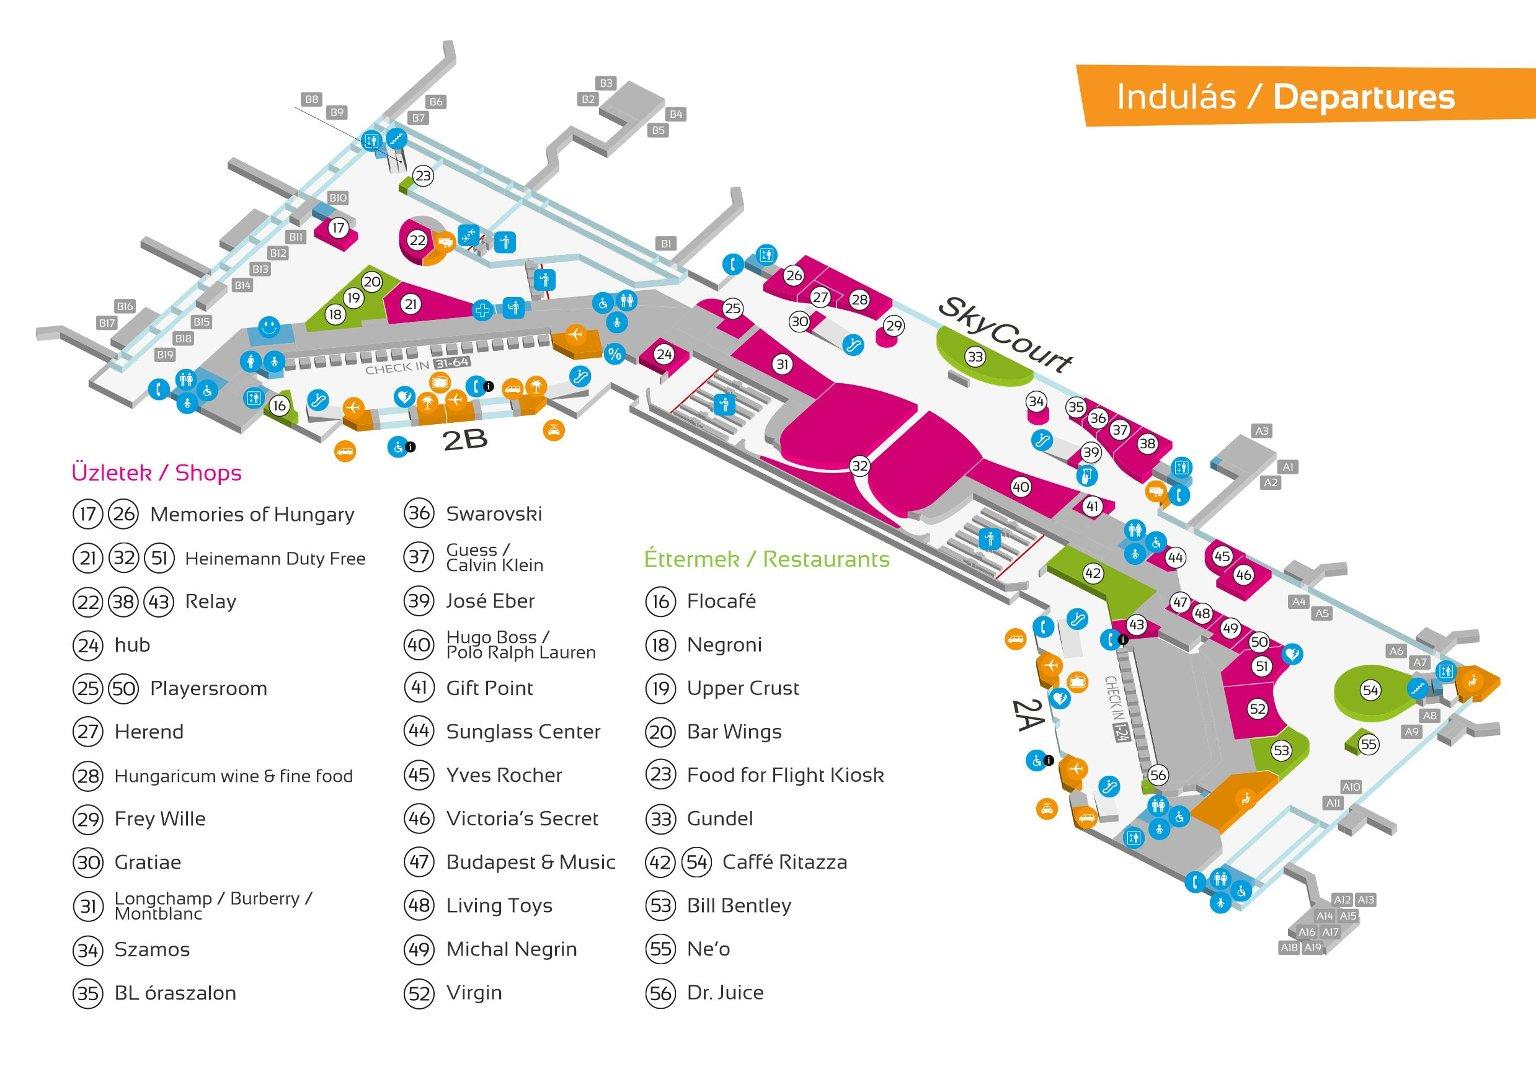 Схема аэропорта Будапешта Терминал 2